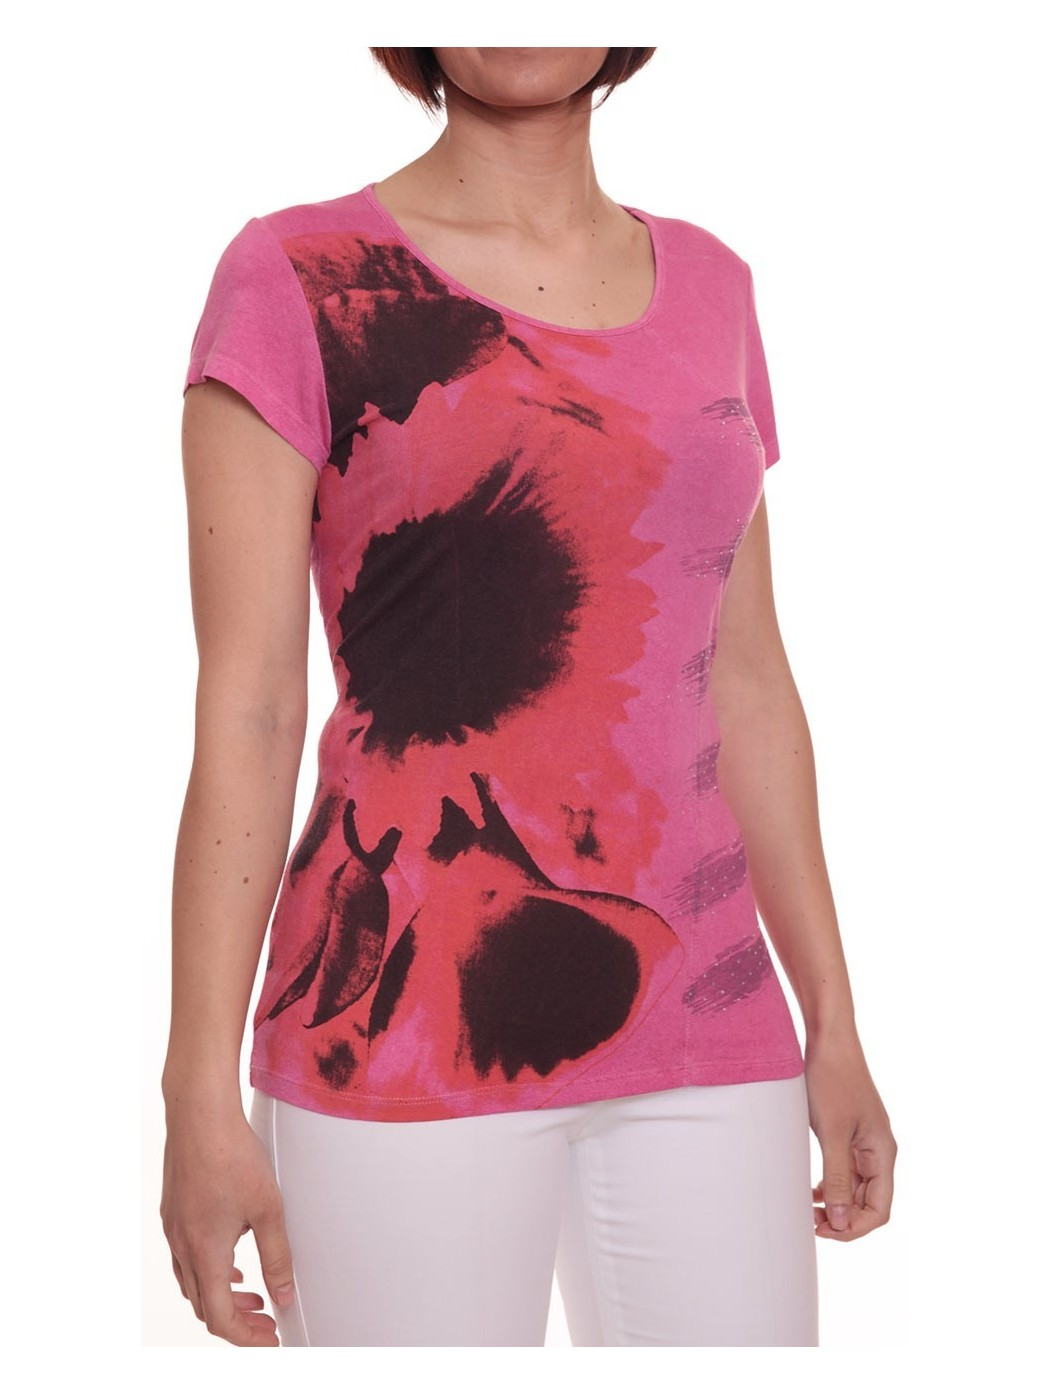 T-shirt de Roberta Foster